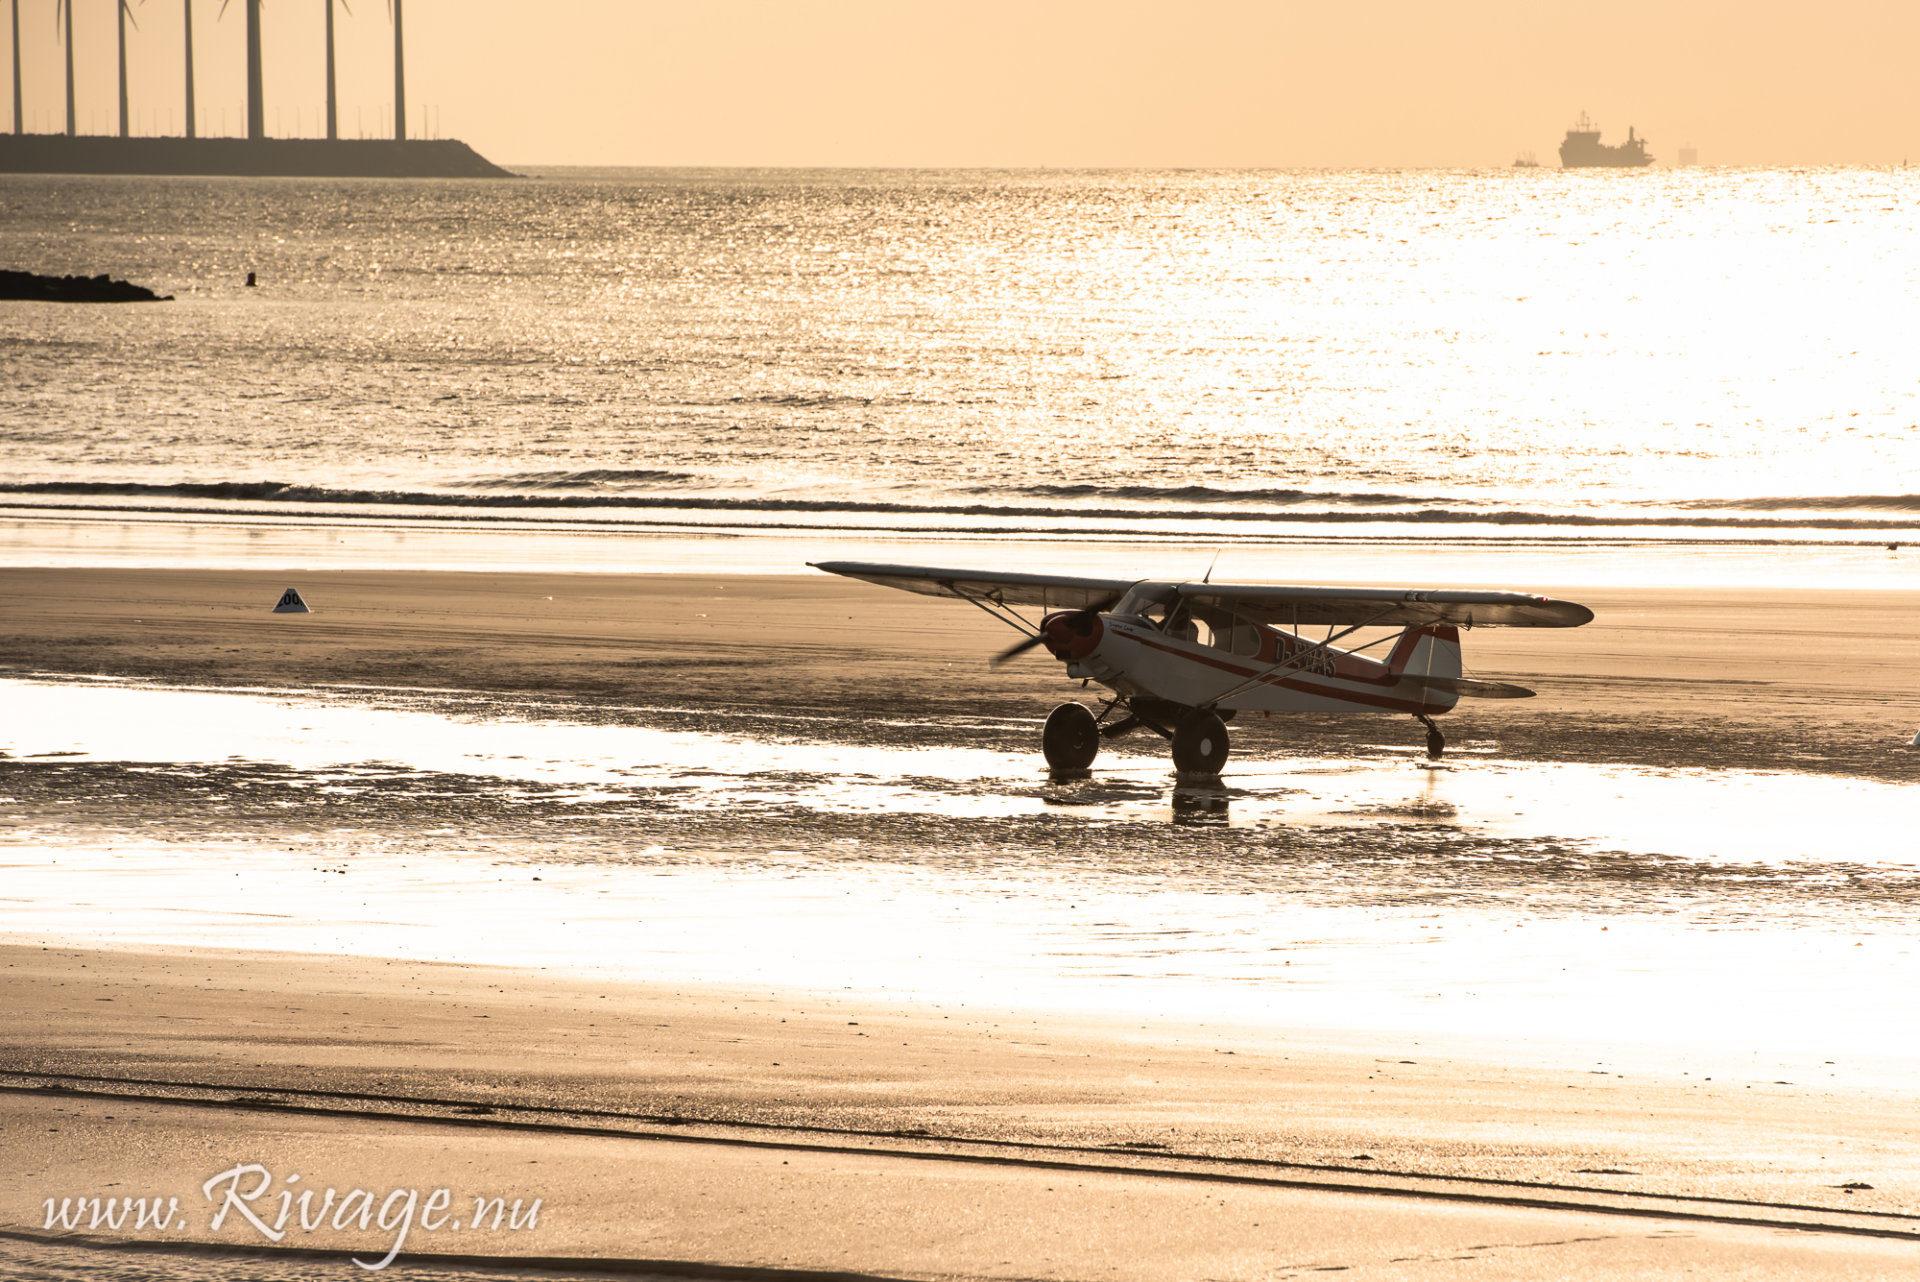 vintage vliegtuig geland op het strand